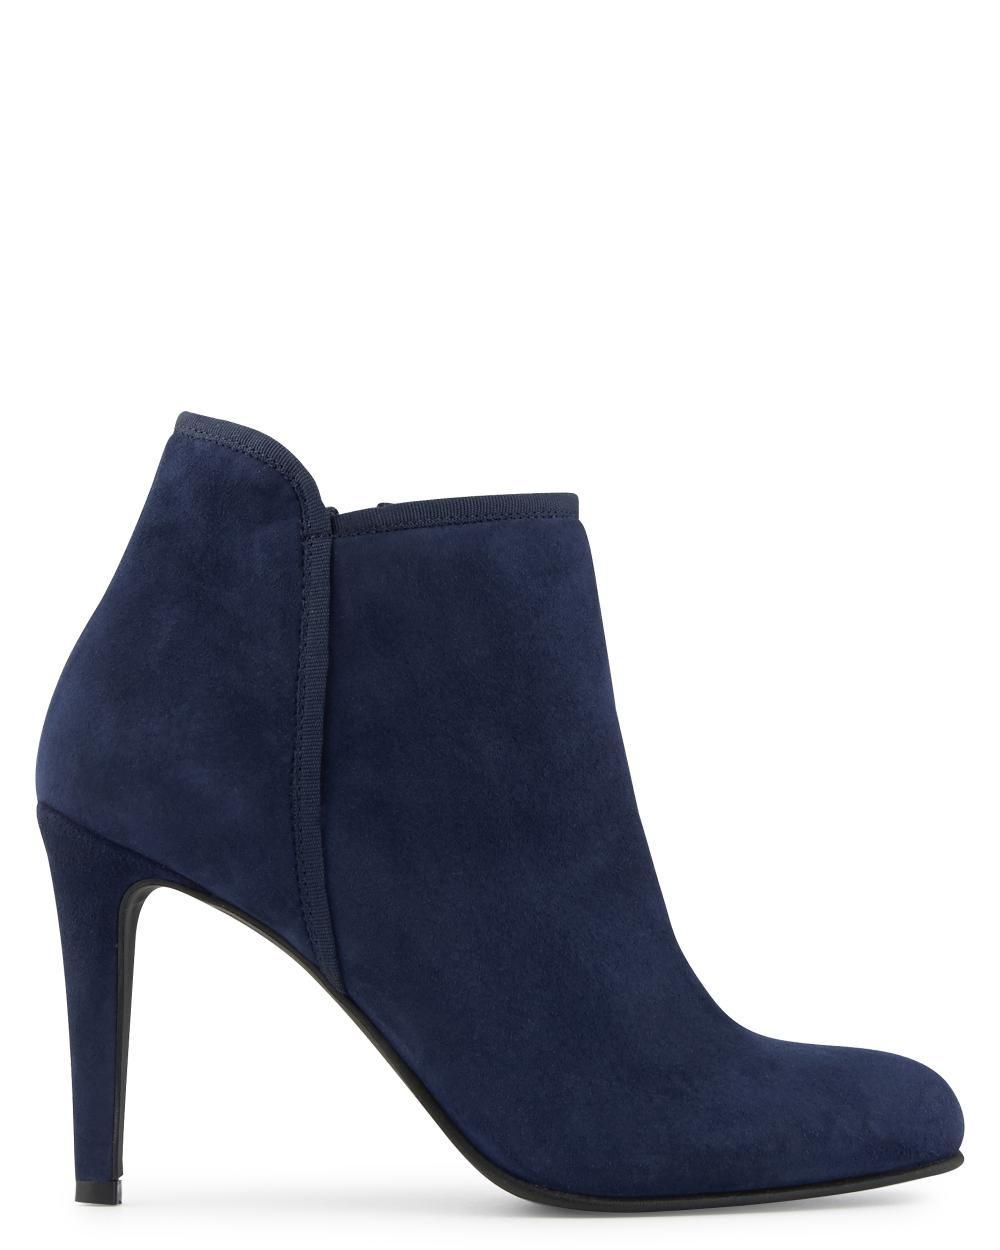 Boots - Nanis - Toutes les chaussures - La Collection chaussures - Noir - Sapin